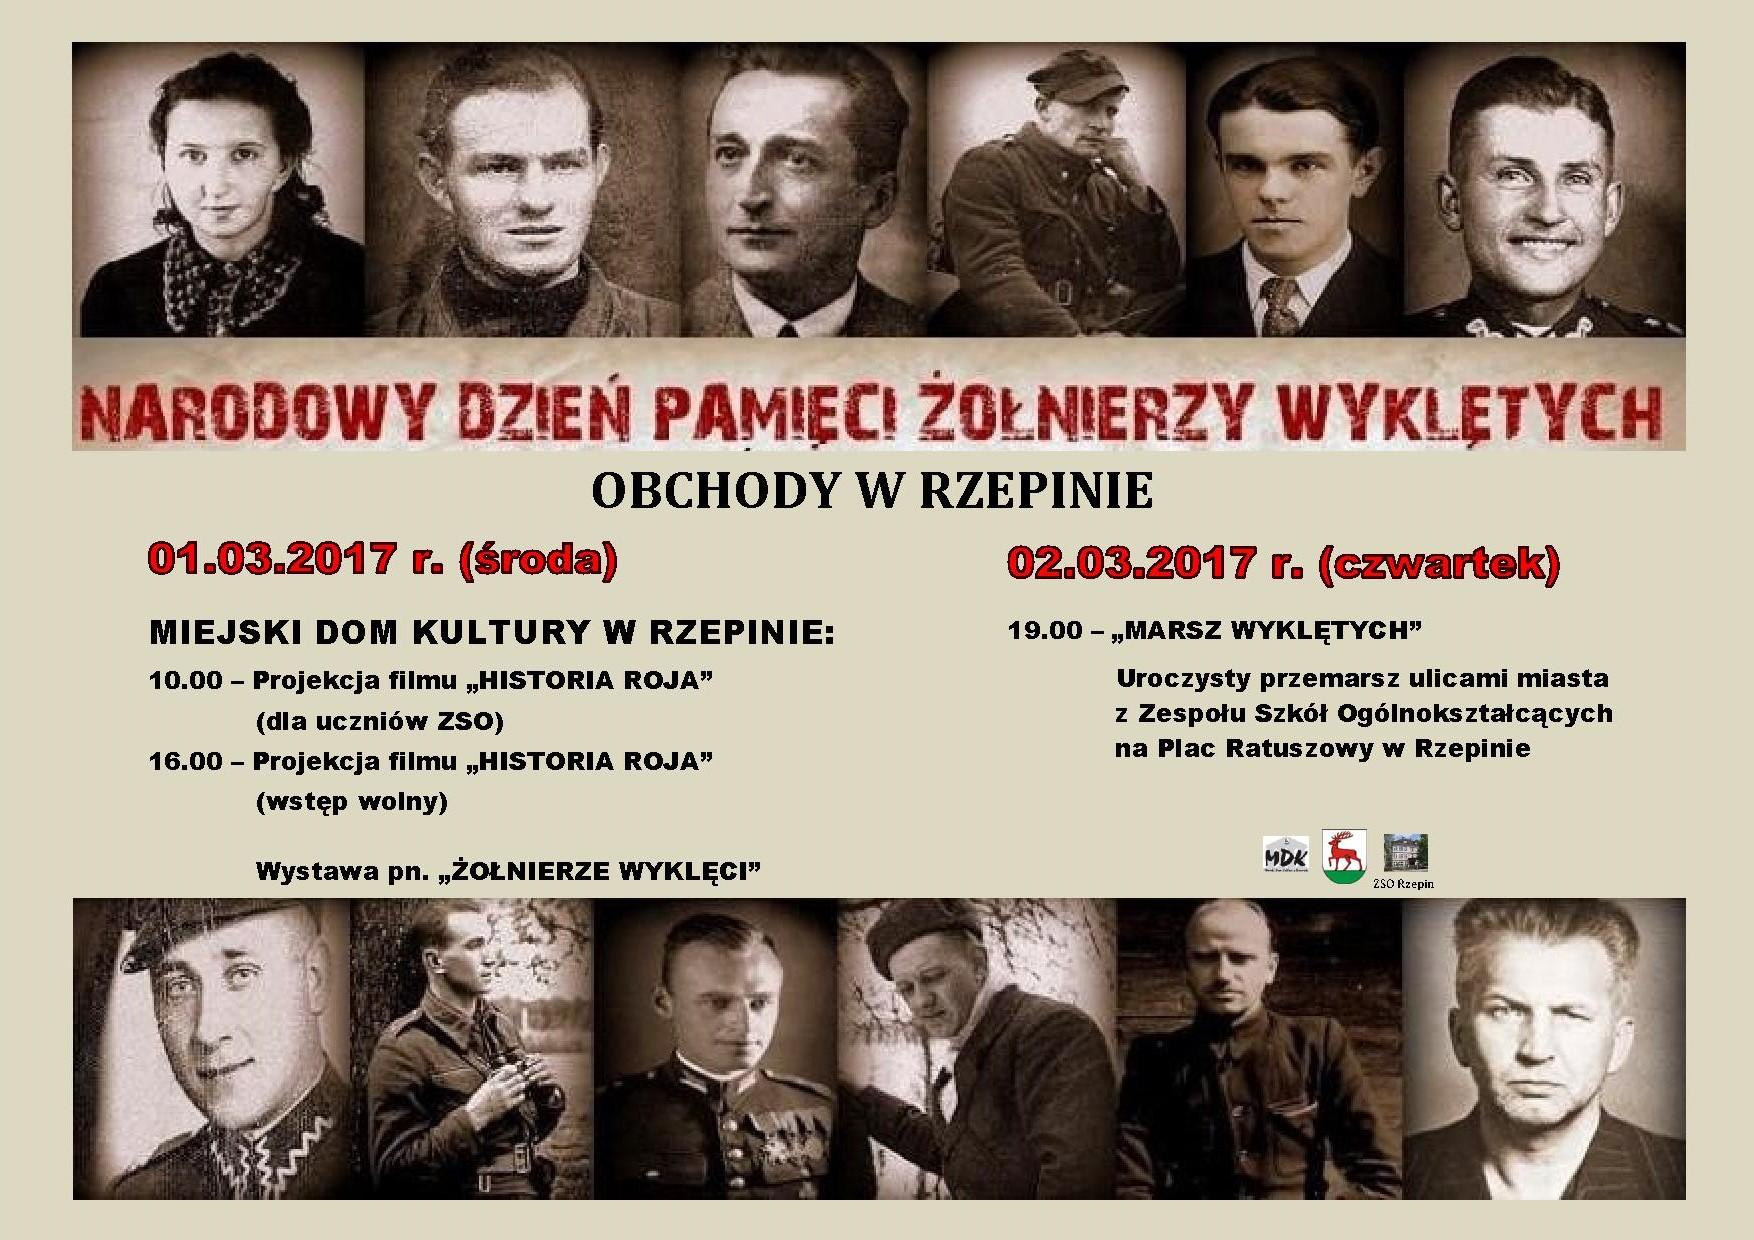 Ilustracja do informacji: Zapraszamy na obchody Narodowego Dnia Pamięci Żołnierzy Wyklętych.